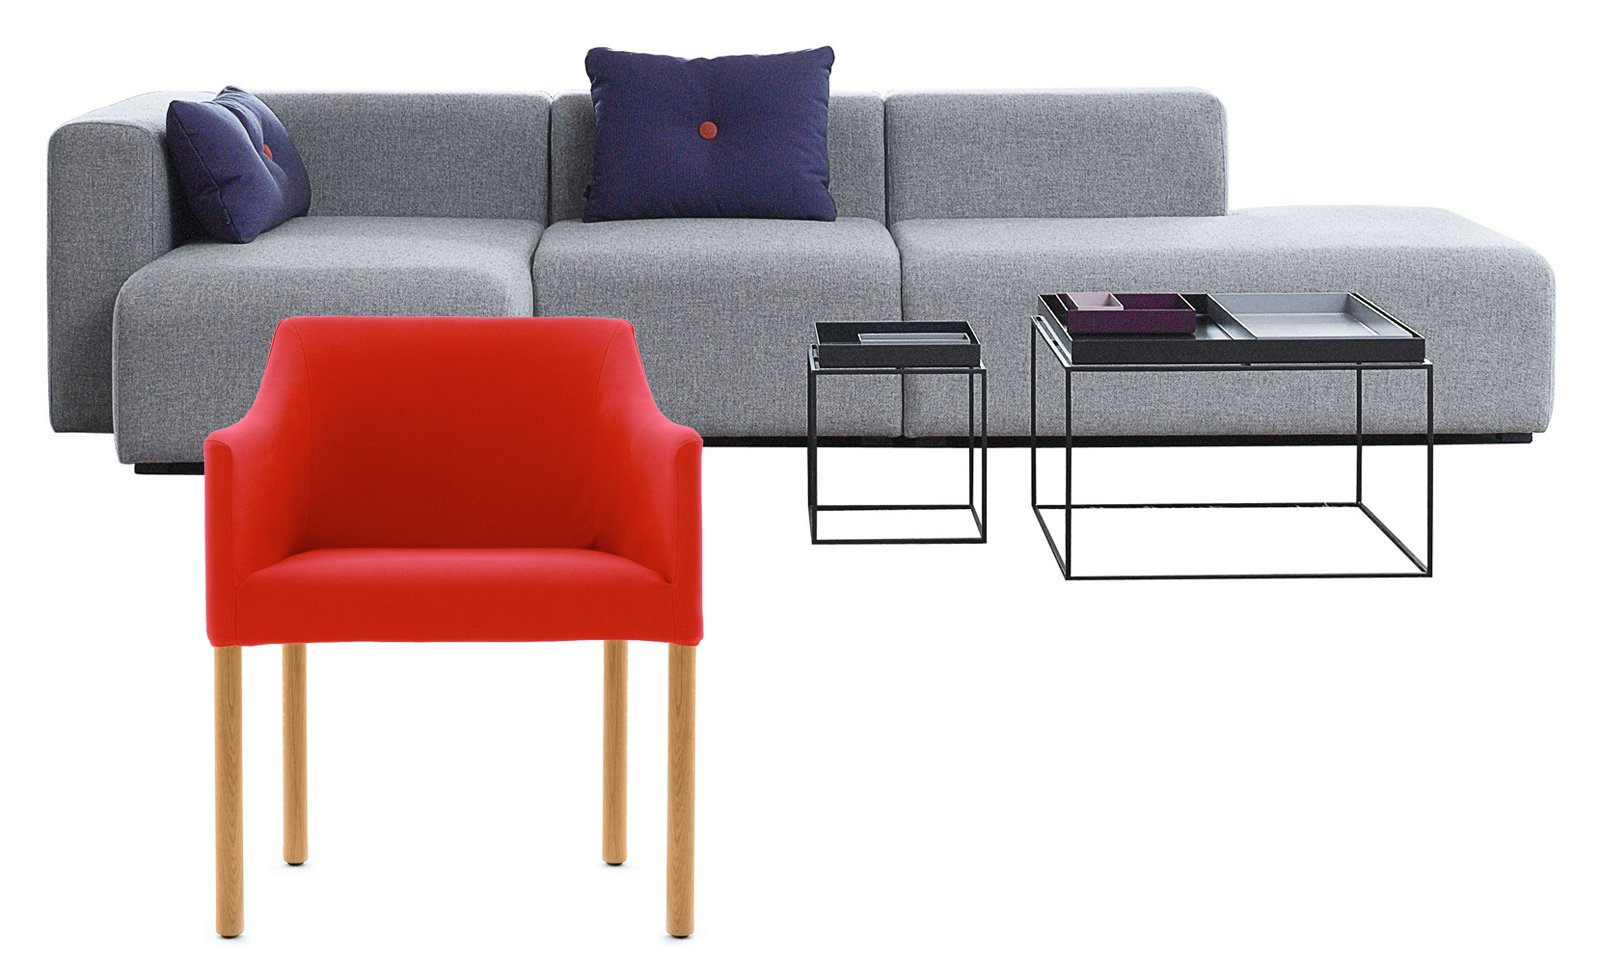 Poltrona e divano. Idee per abbinarli - Cose di Casa